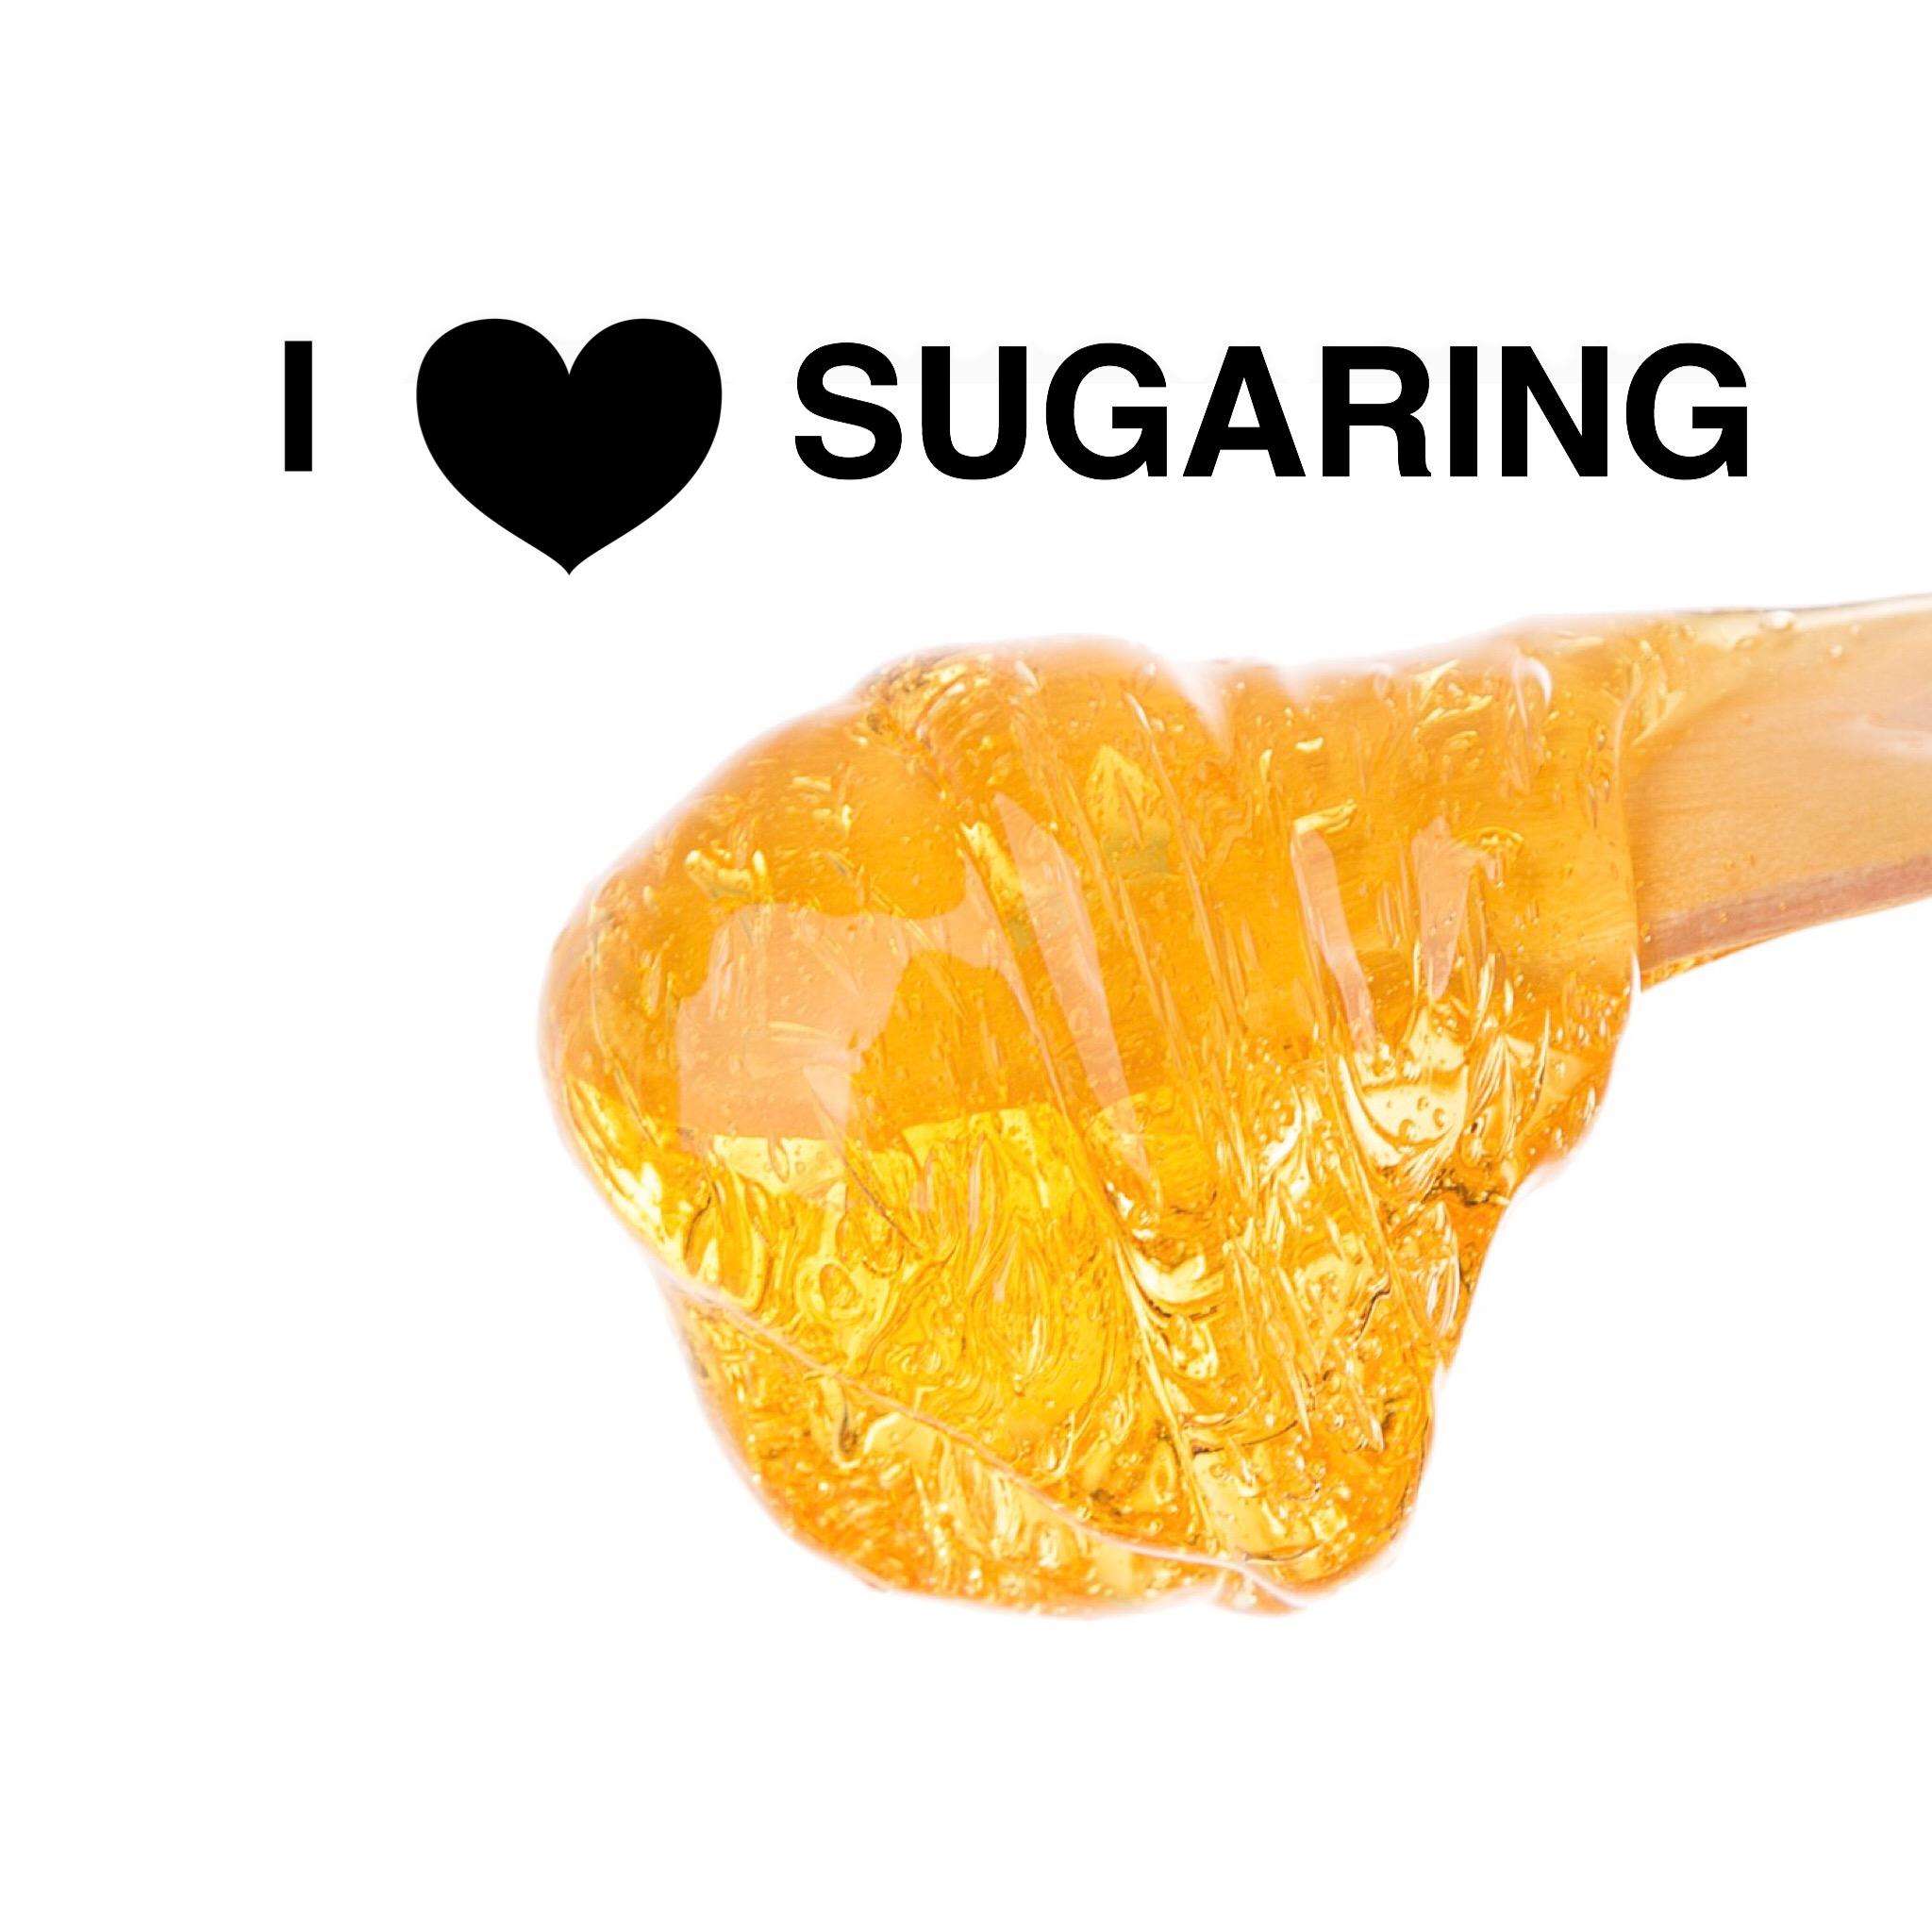 Sockervax utbildning